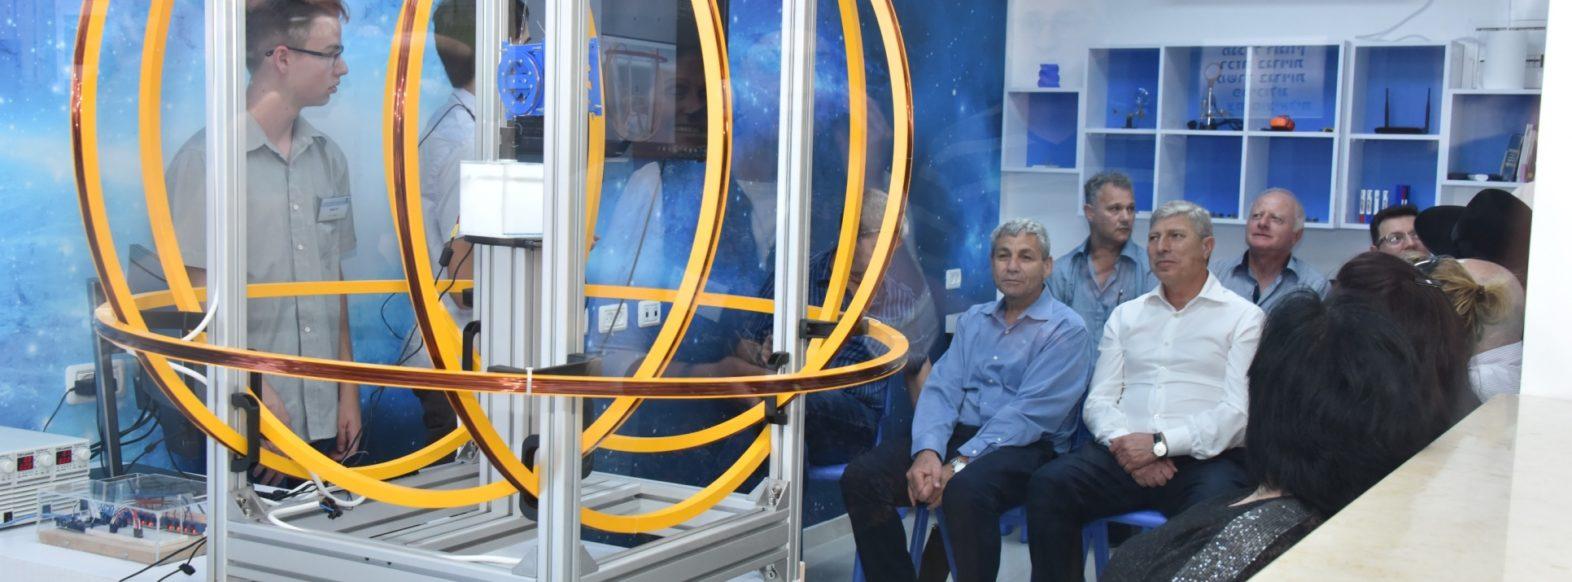 רוגוזין מציגים- מגמת הנדסת חלל